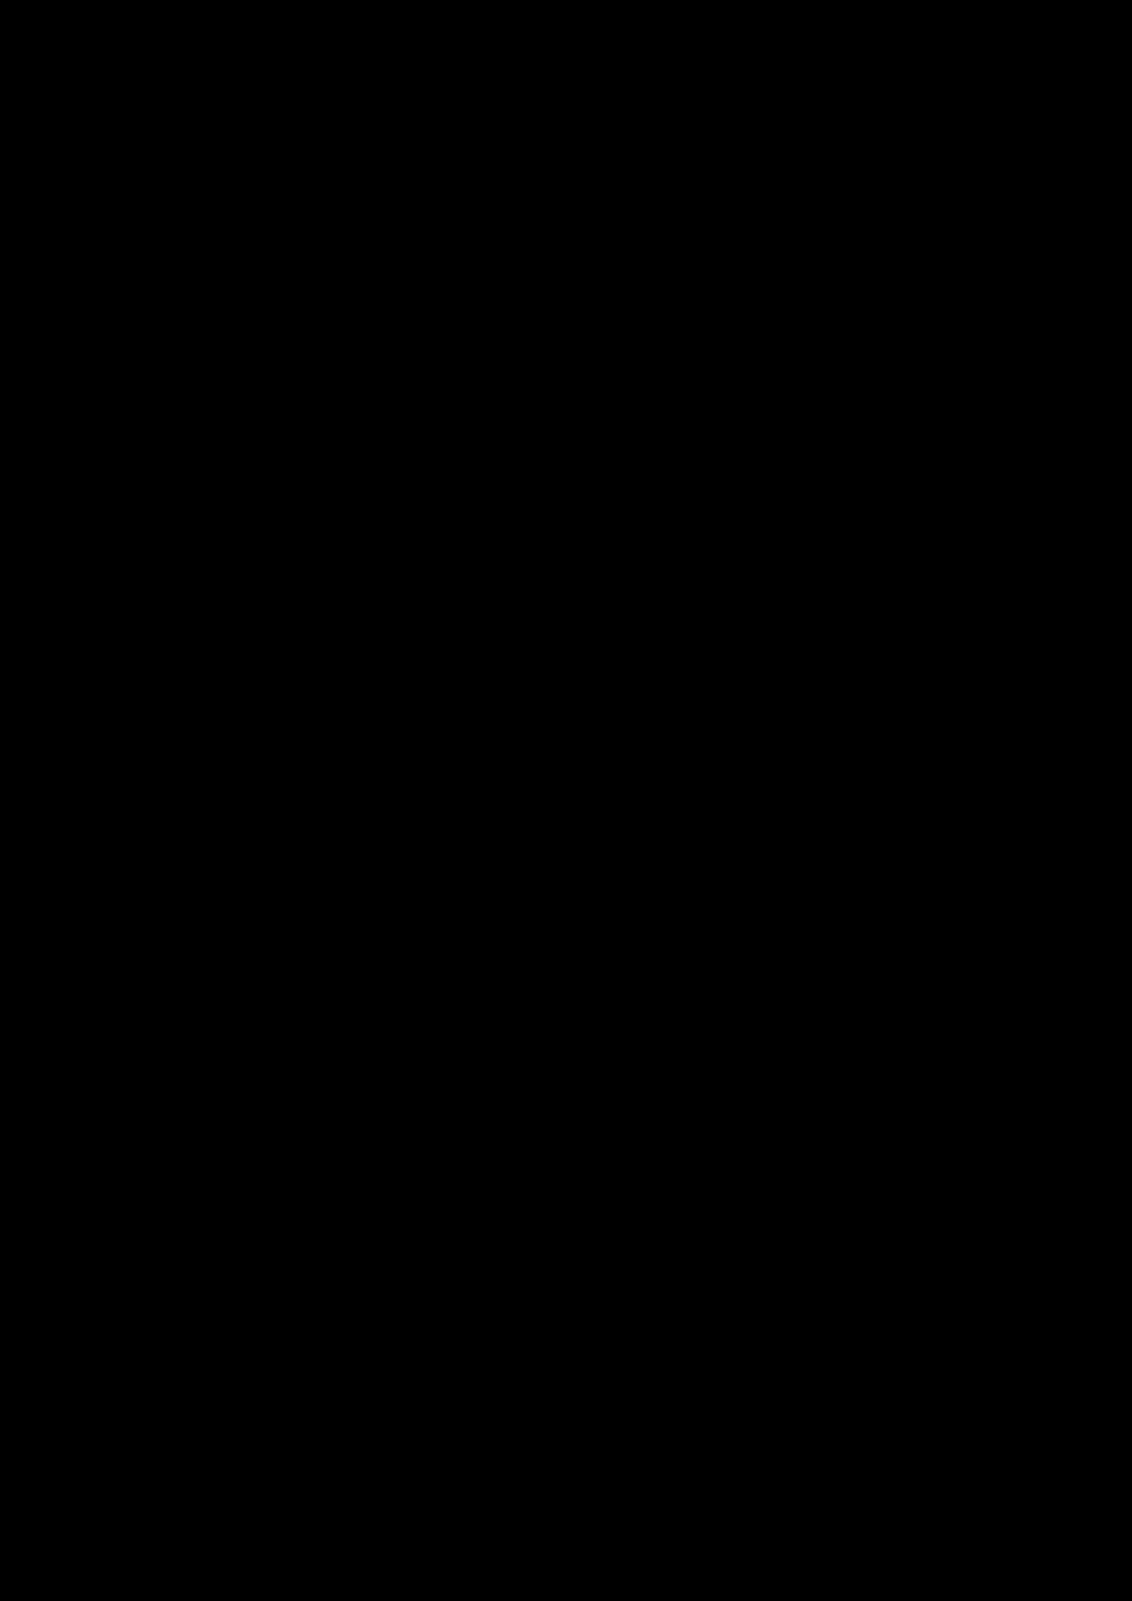 Zagadka volshebnoy stranyi slide, Image 173